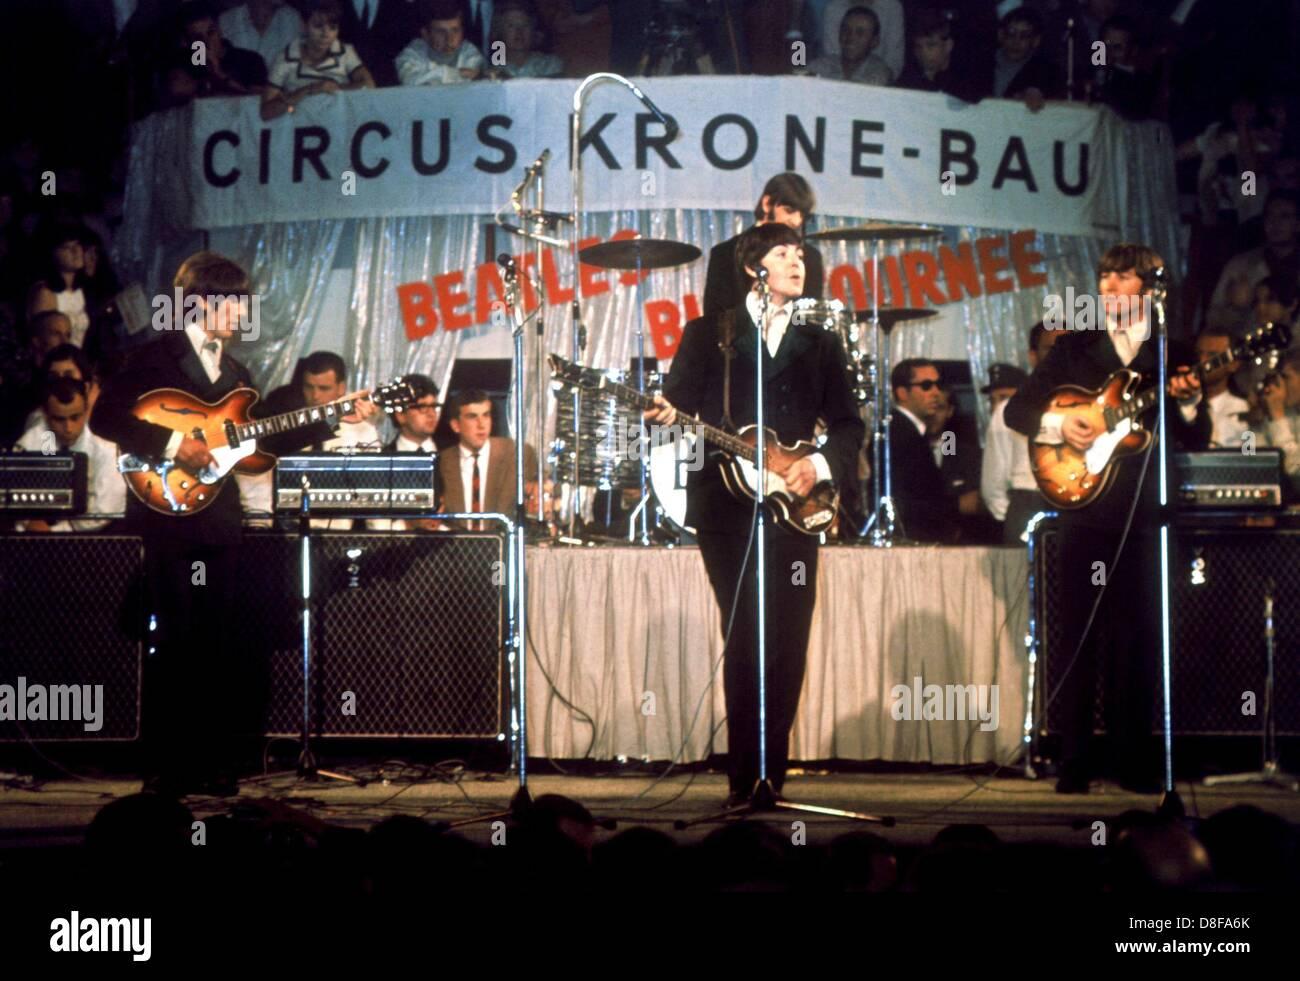 Die Beatles, (l-r) George Harrison, Paul McCartney, John Lennon und im Hintergrund am Schlagzeug Ringo Starr, treten - Stock Image